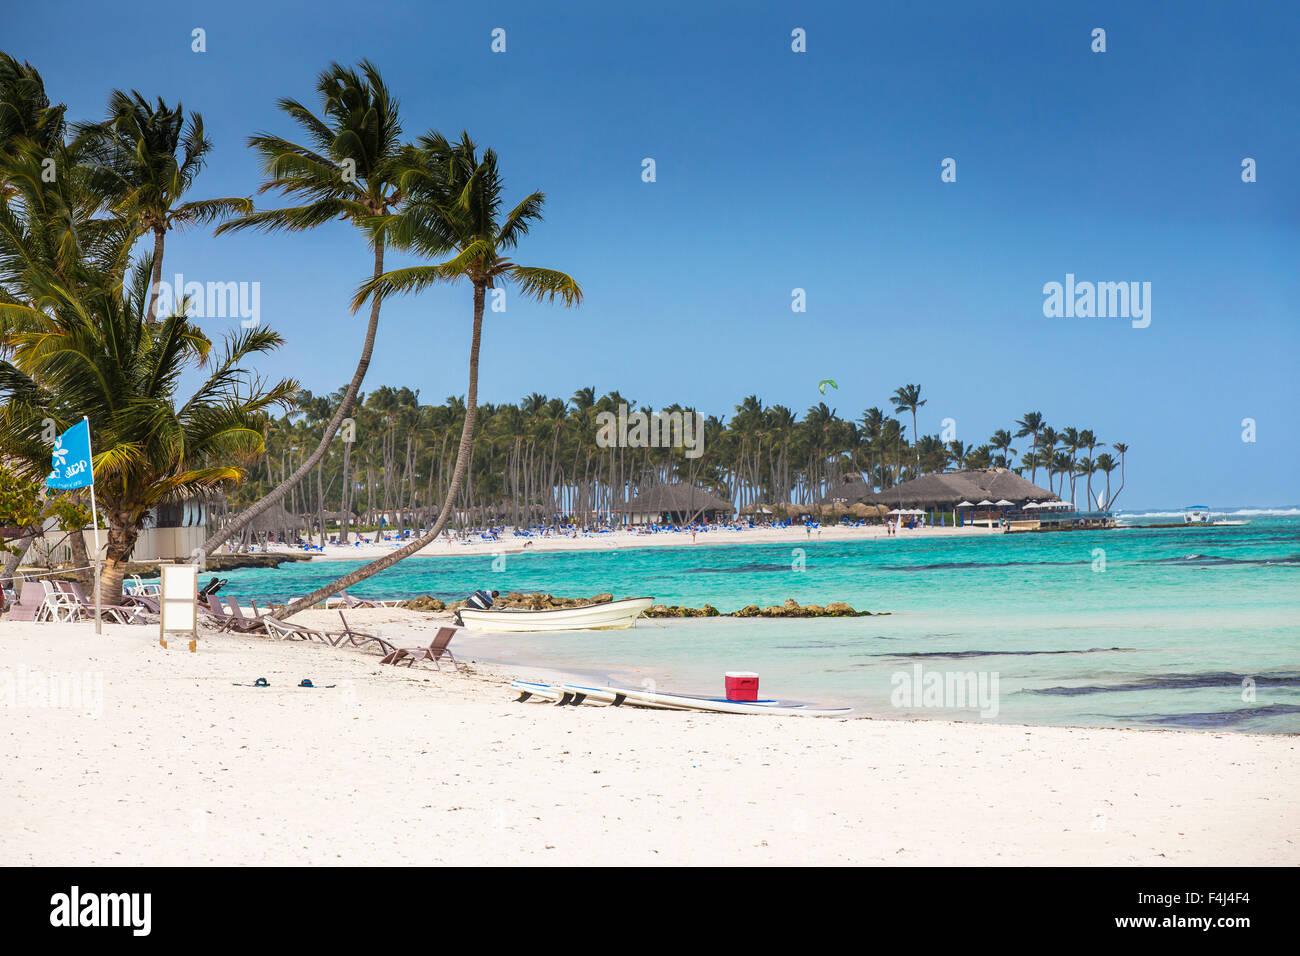 Le kitesurf kite beach au Club, Playa Blanca, Punta Cana, République dominicaine, Antilles, Caraïbes, Amérique Centrale Banque D'Images